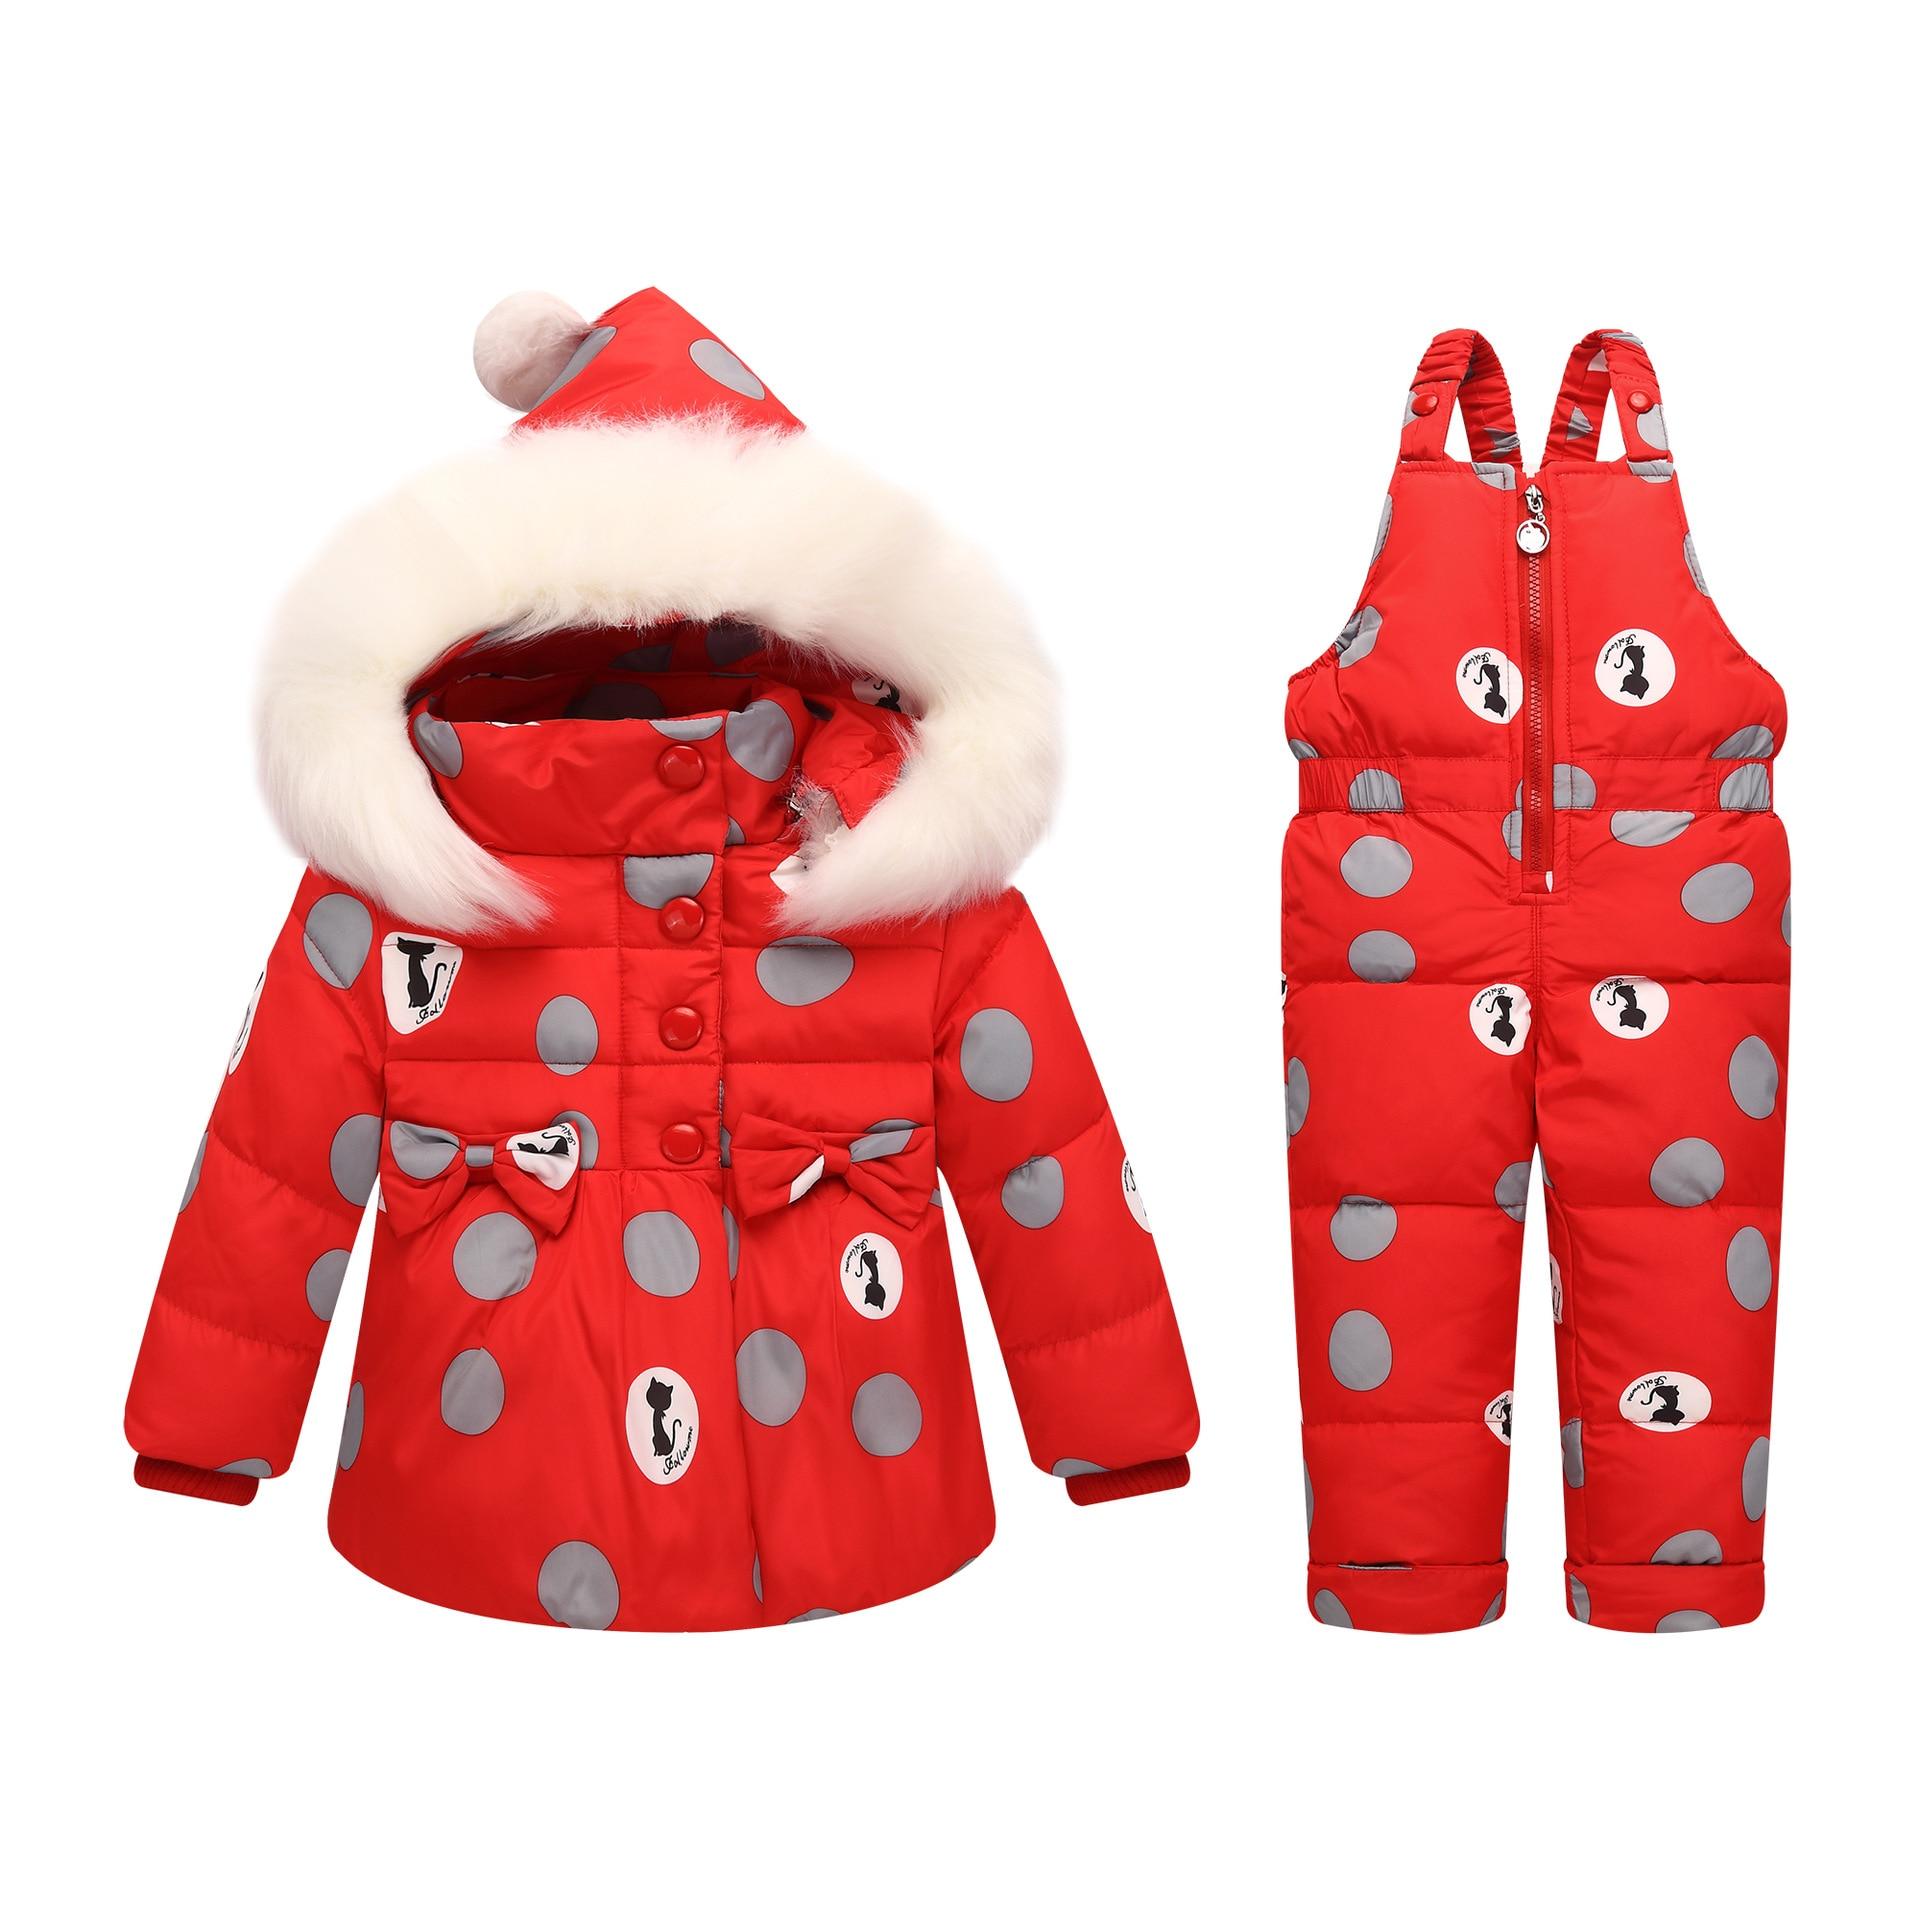 Brillant Olekid-30 Grad Russland Winter Kinder Mädchen Kleidung Set Unten Jacke Mantel + Overall Für 1-4 Jahre Kinder Baby Mädchen Schneeanzug